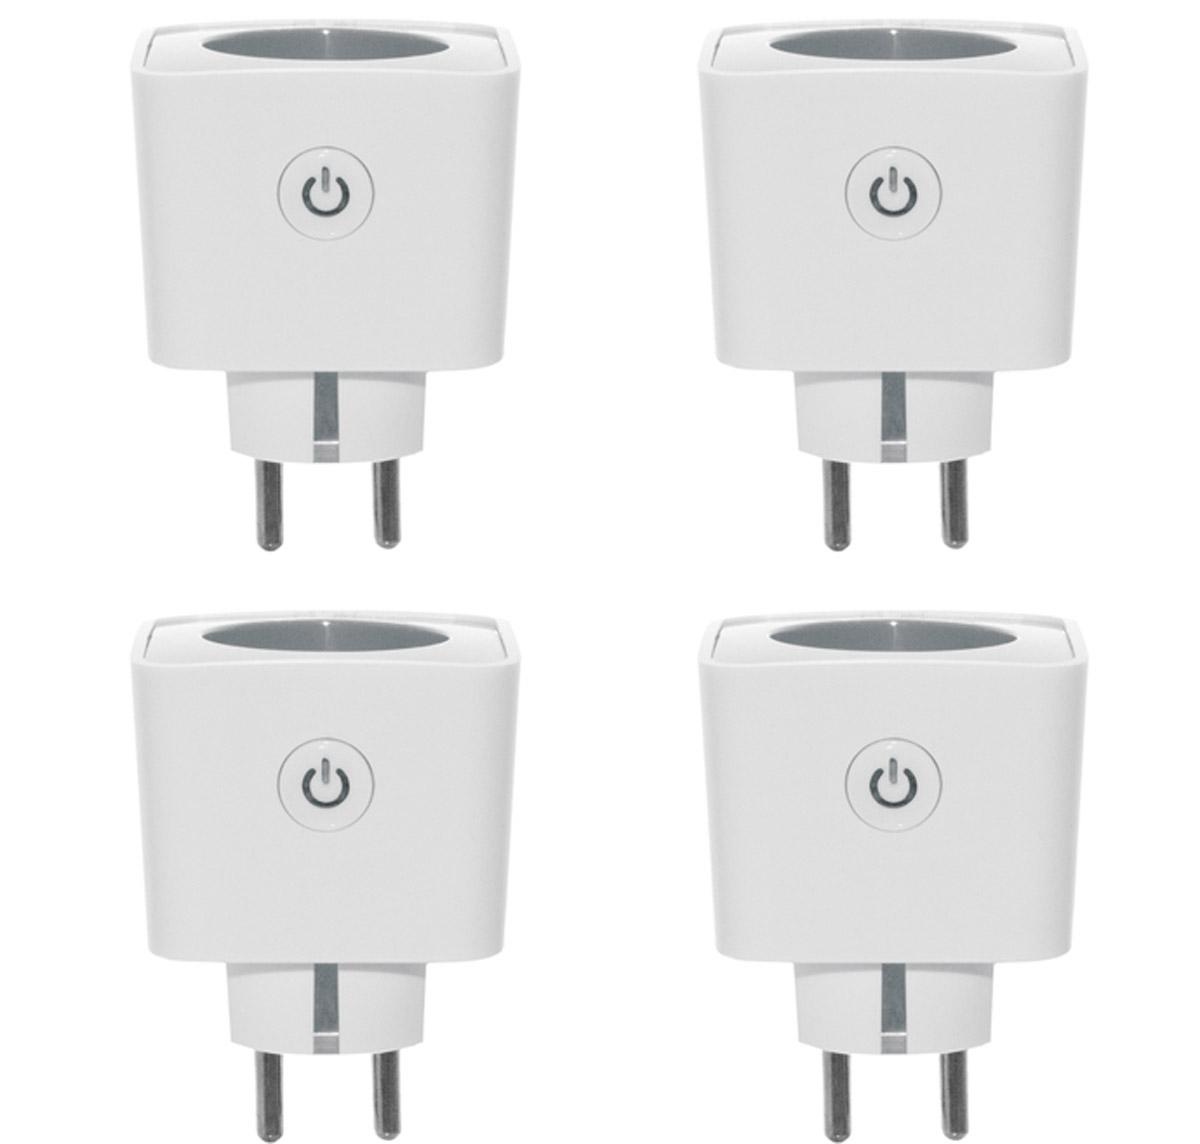 4er osram smart plug lightify kompatibel funksteckdose. Black Bedroom Furniture Sets. Home Design Ideas